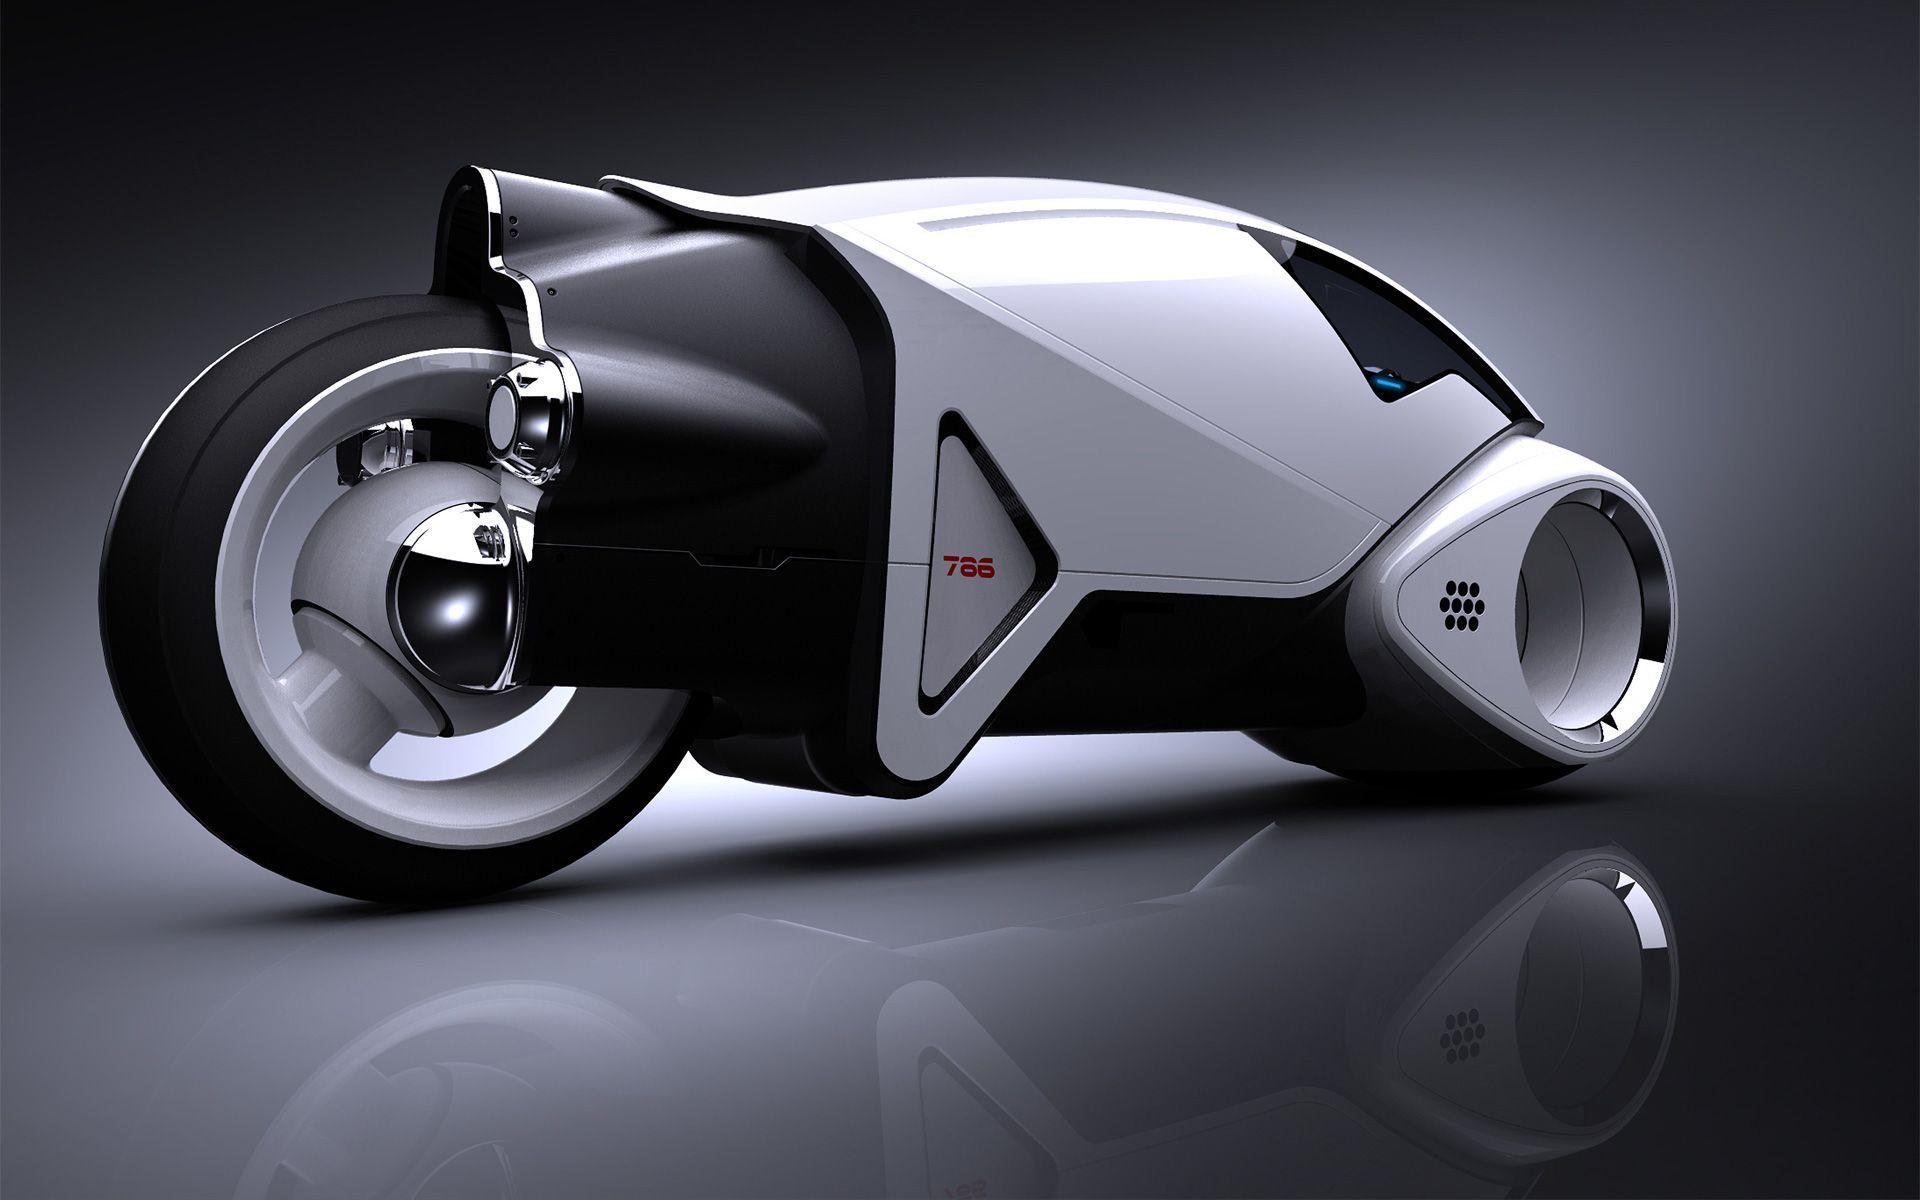 La moto del futuro